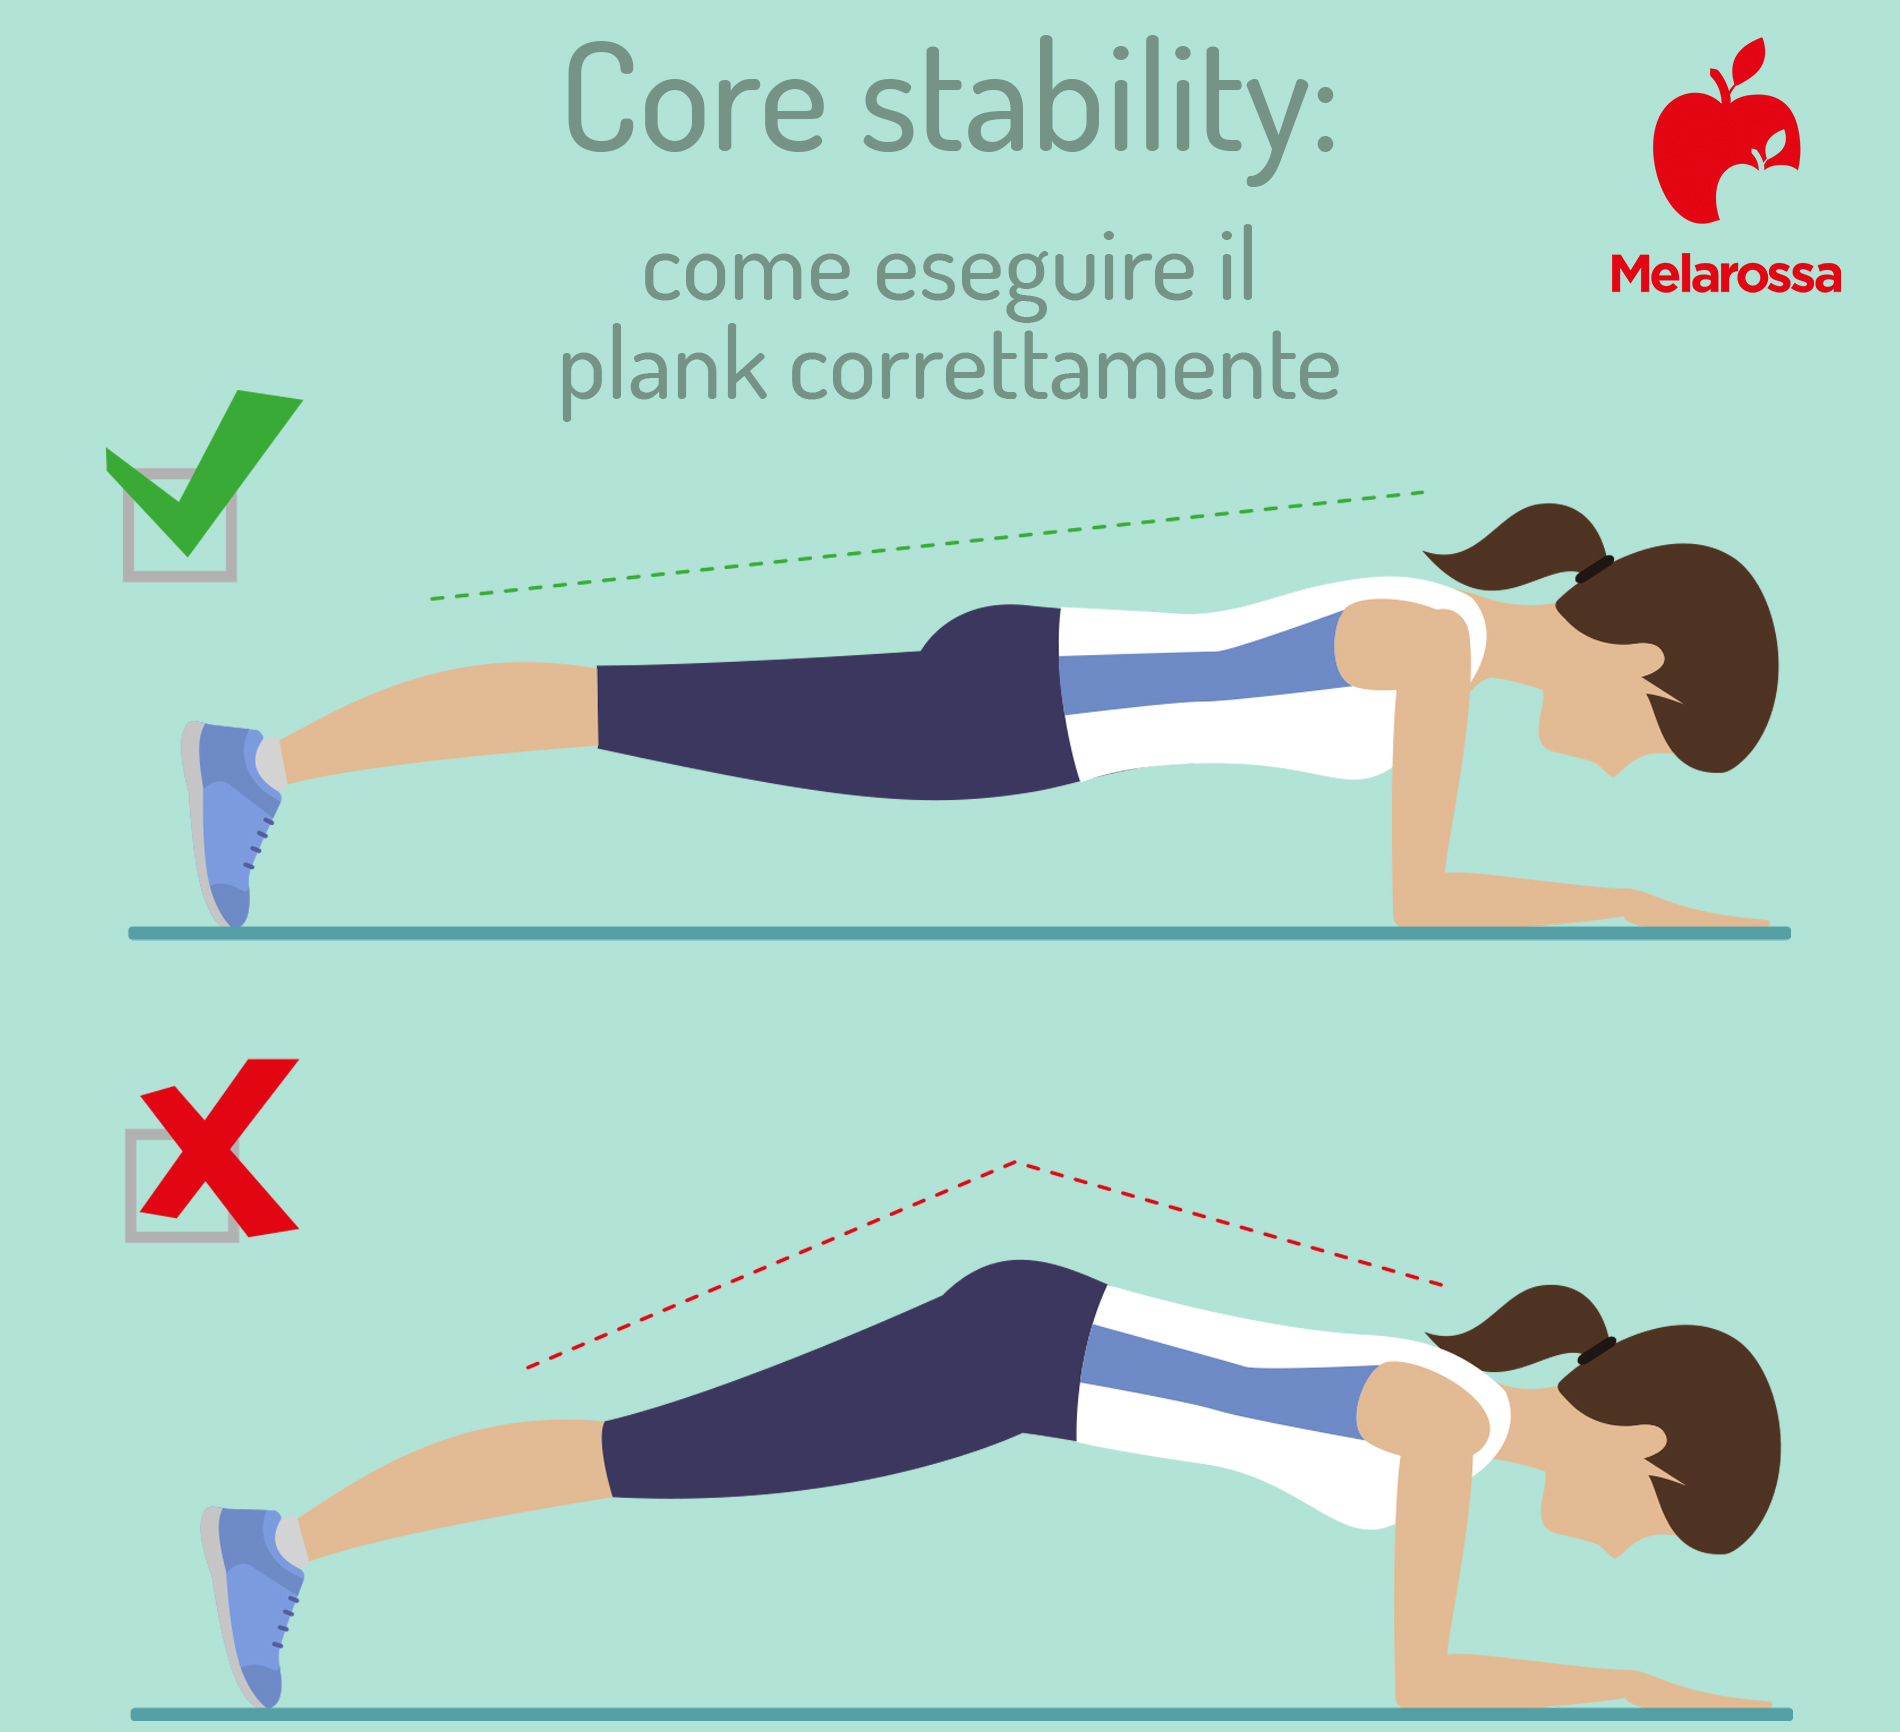 core stability: com eseguire correttamente il plank